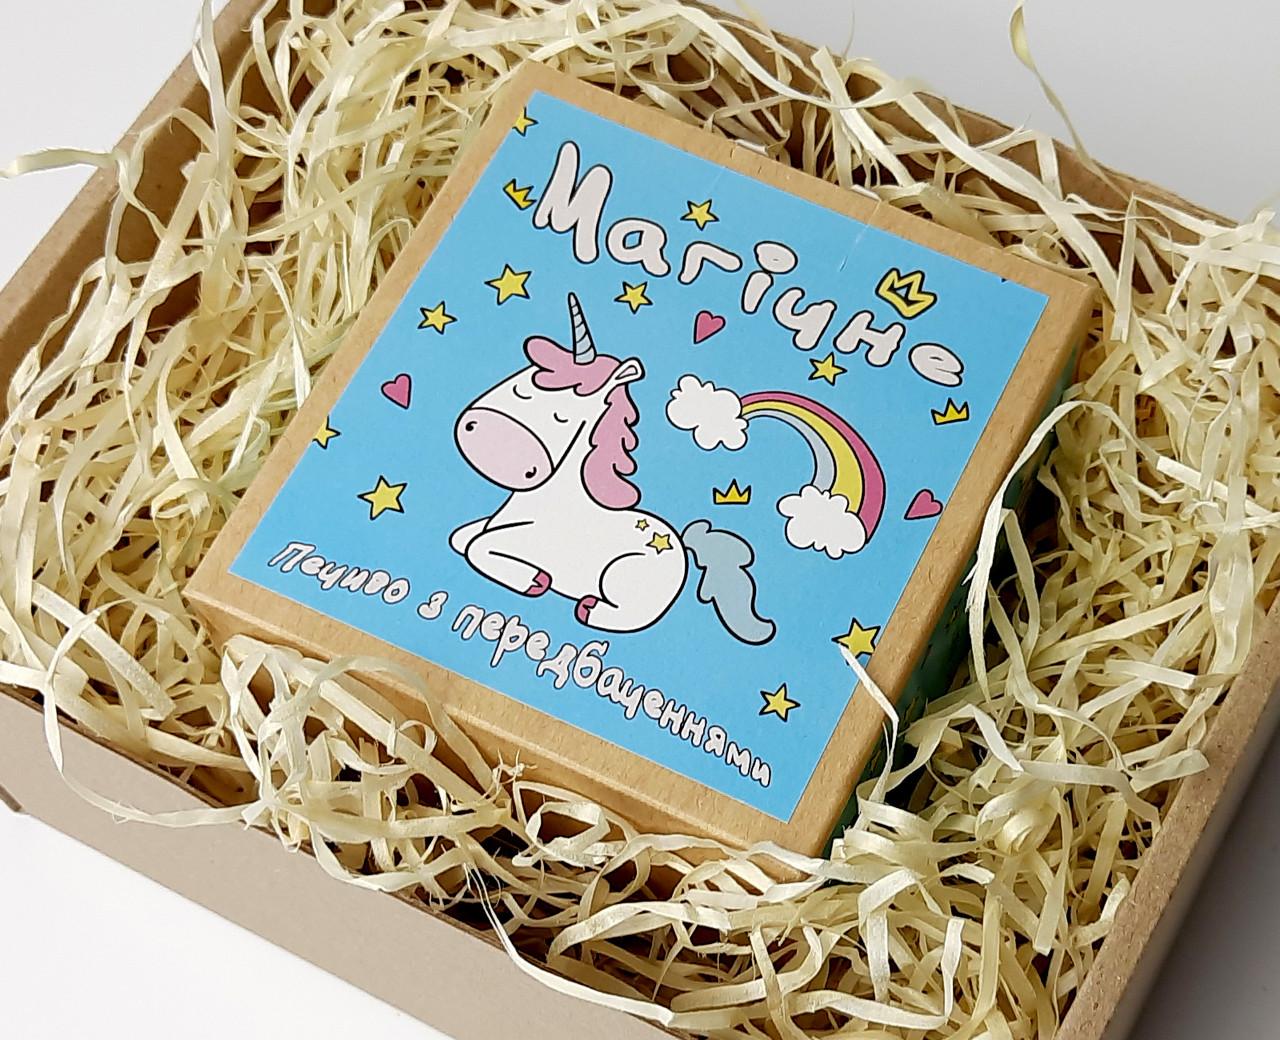 """Печенье """"Магическое"""" с предсказаниями в праздничной упаковке - Печенье с единорогом подарок на день рождение"""